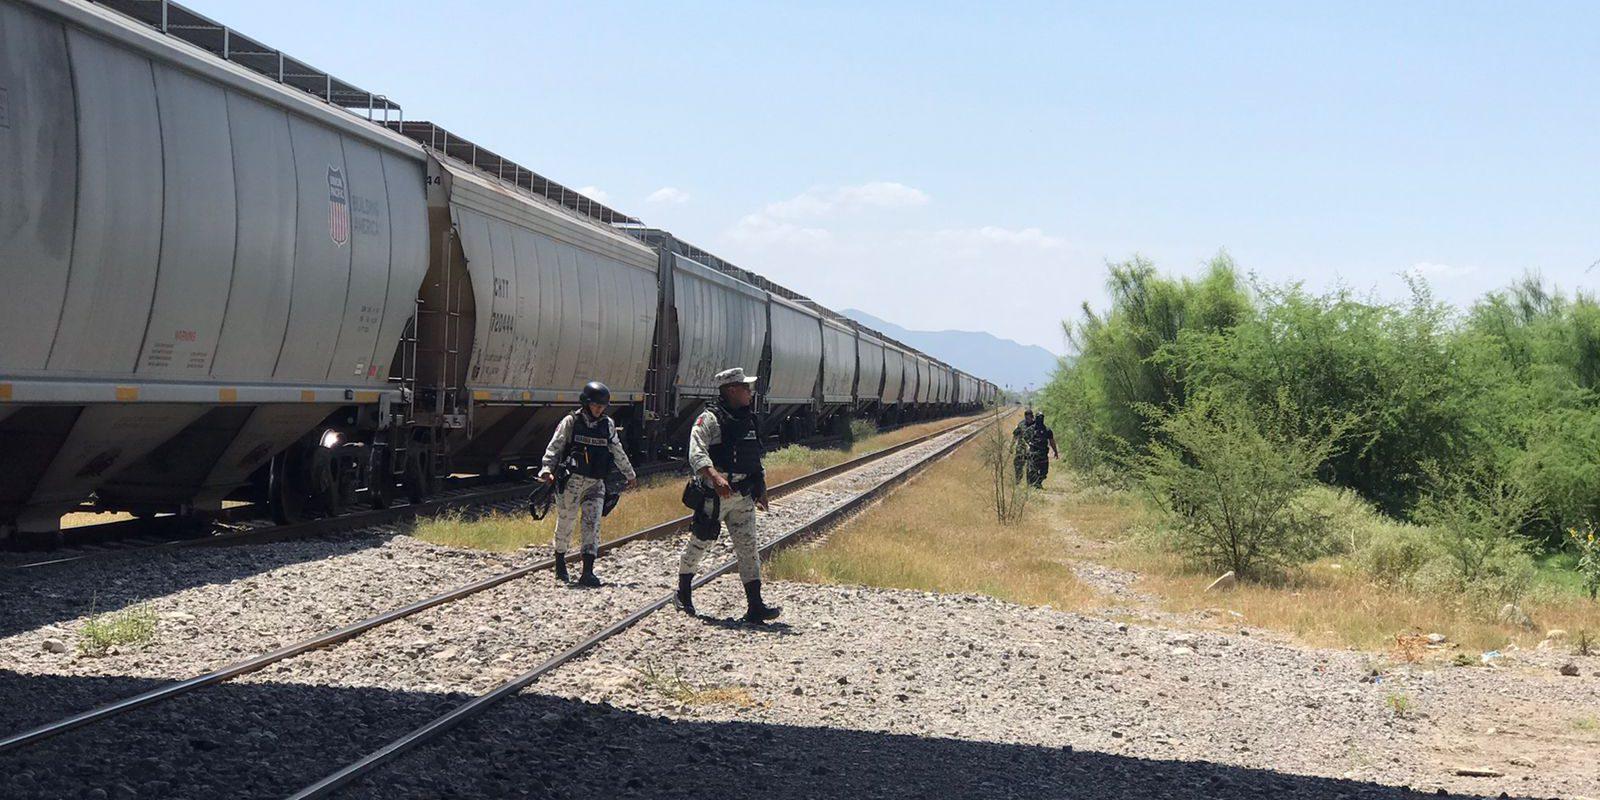 Encuentran sin vida cerca de las vías del ferrocarril a adulto mayor desaparecido en Monclova